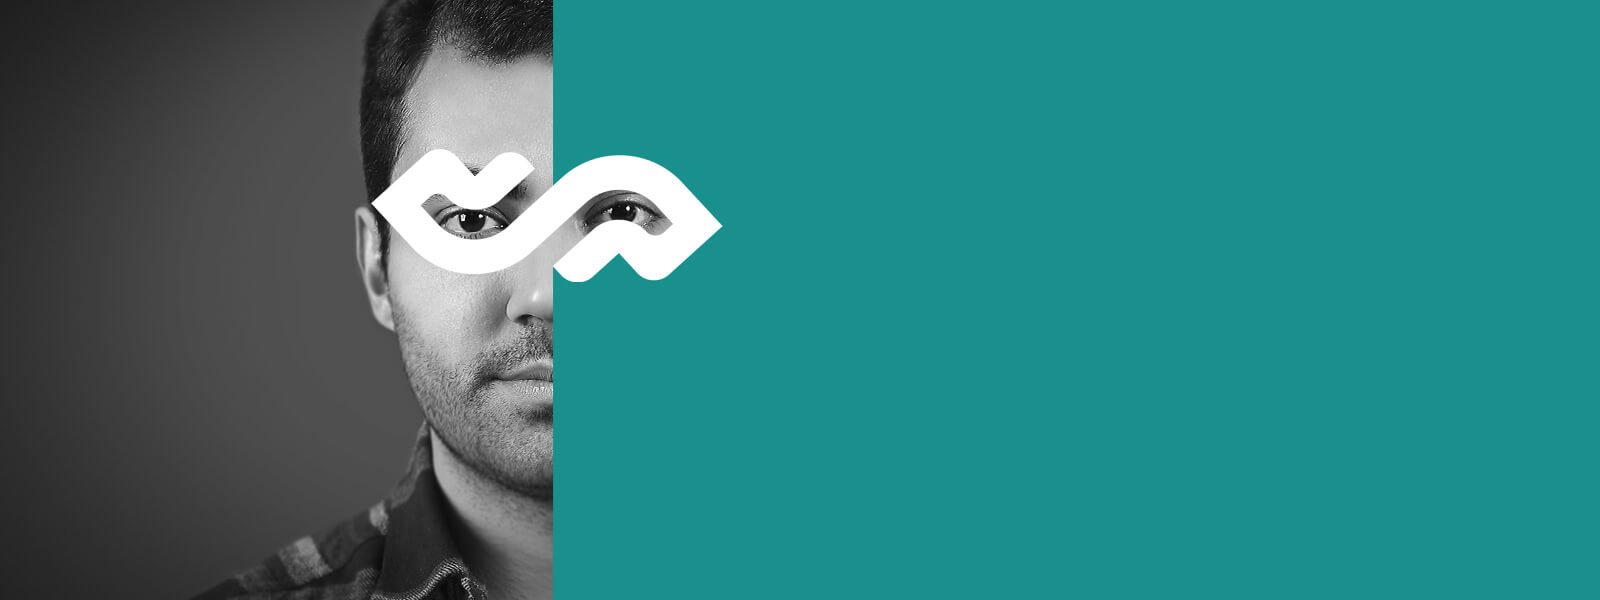 لایه چهارم اسلاید سی و پنجمین جشنواره بین المللی تئاتر فجر، هویت بصری سی و پنجمین جشنواره بین المللی تئاتر فجر، طراحی لوگو، طراحی لوگوتایپ، شرکت تبلیغاتی الف، طراحی هویت بصری